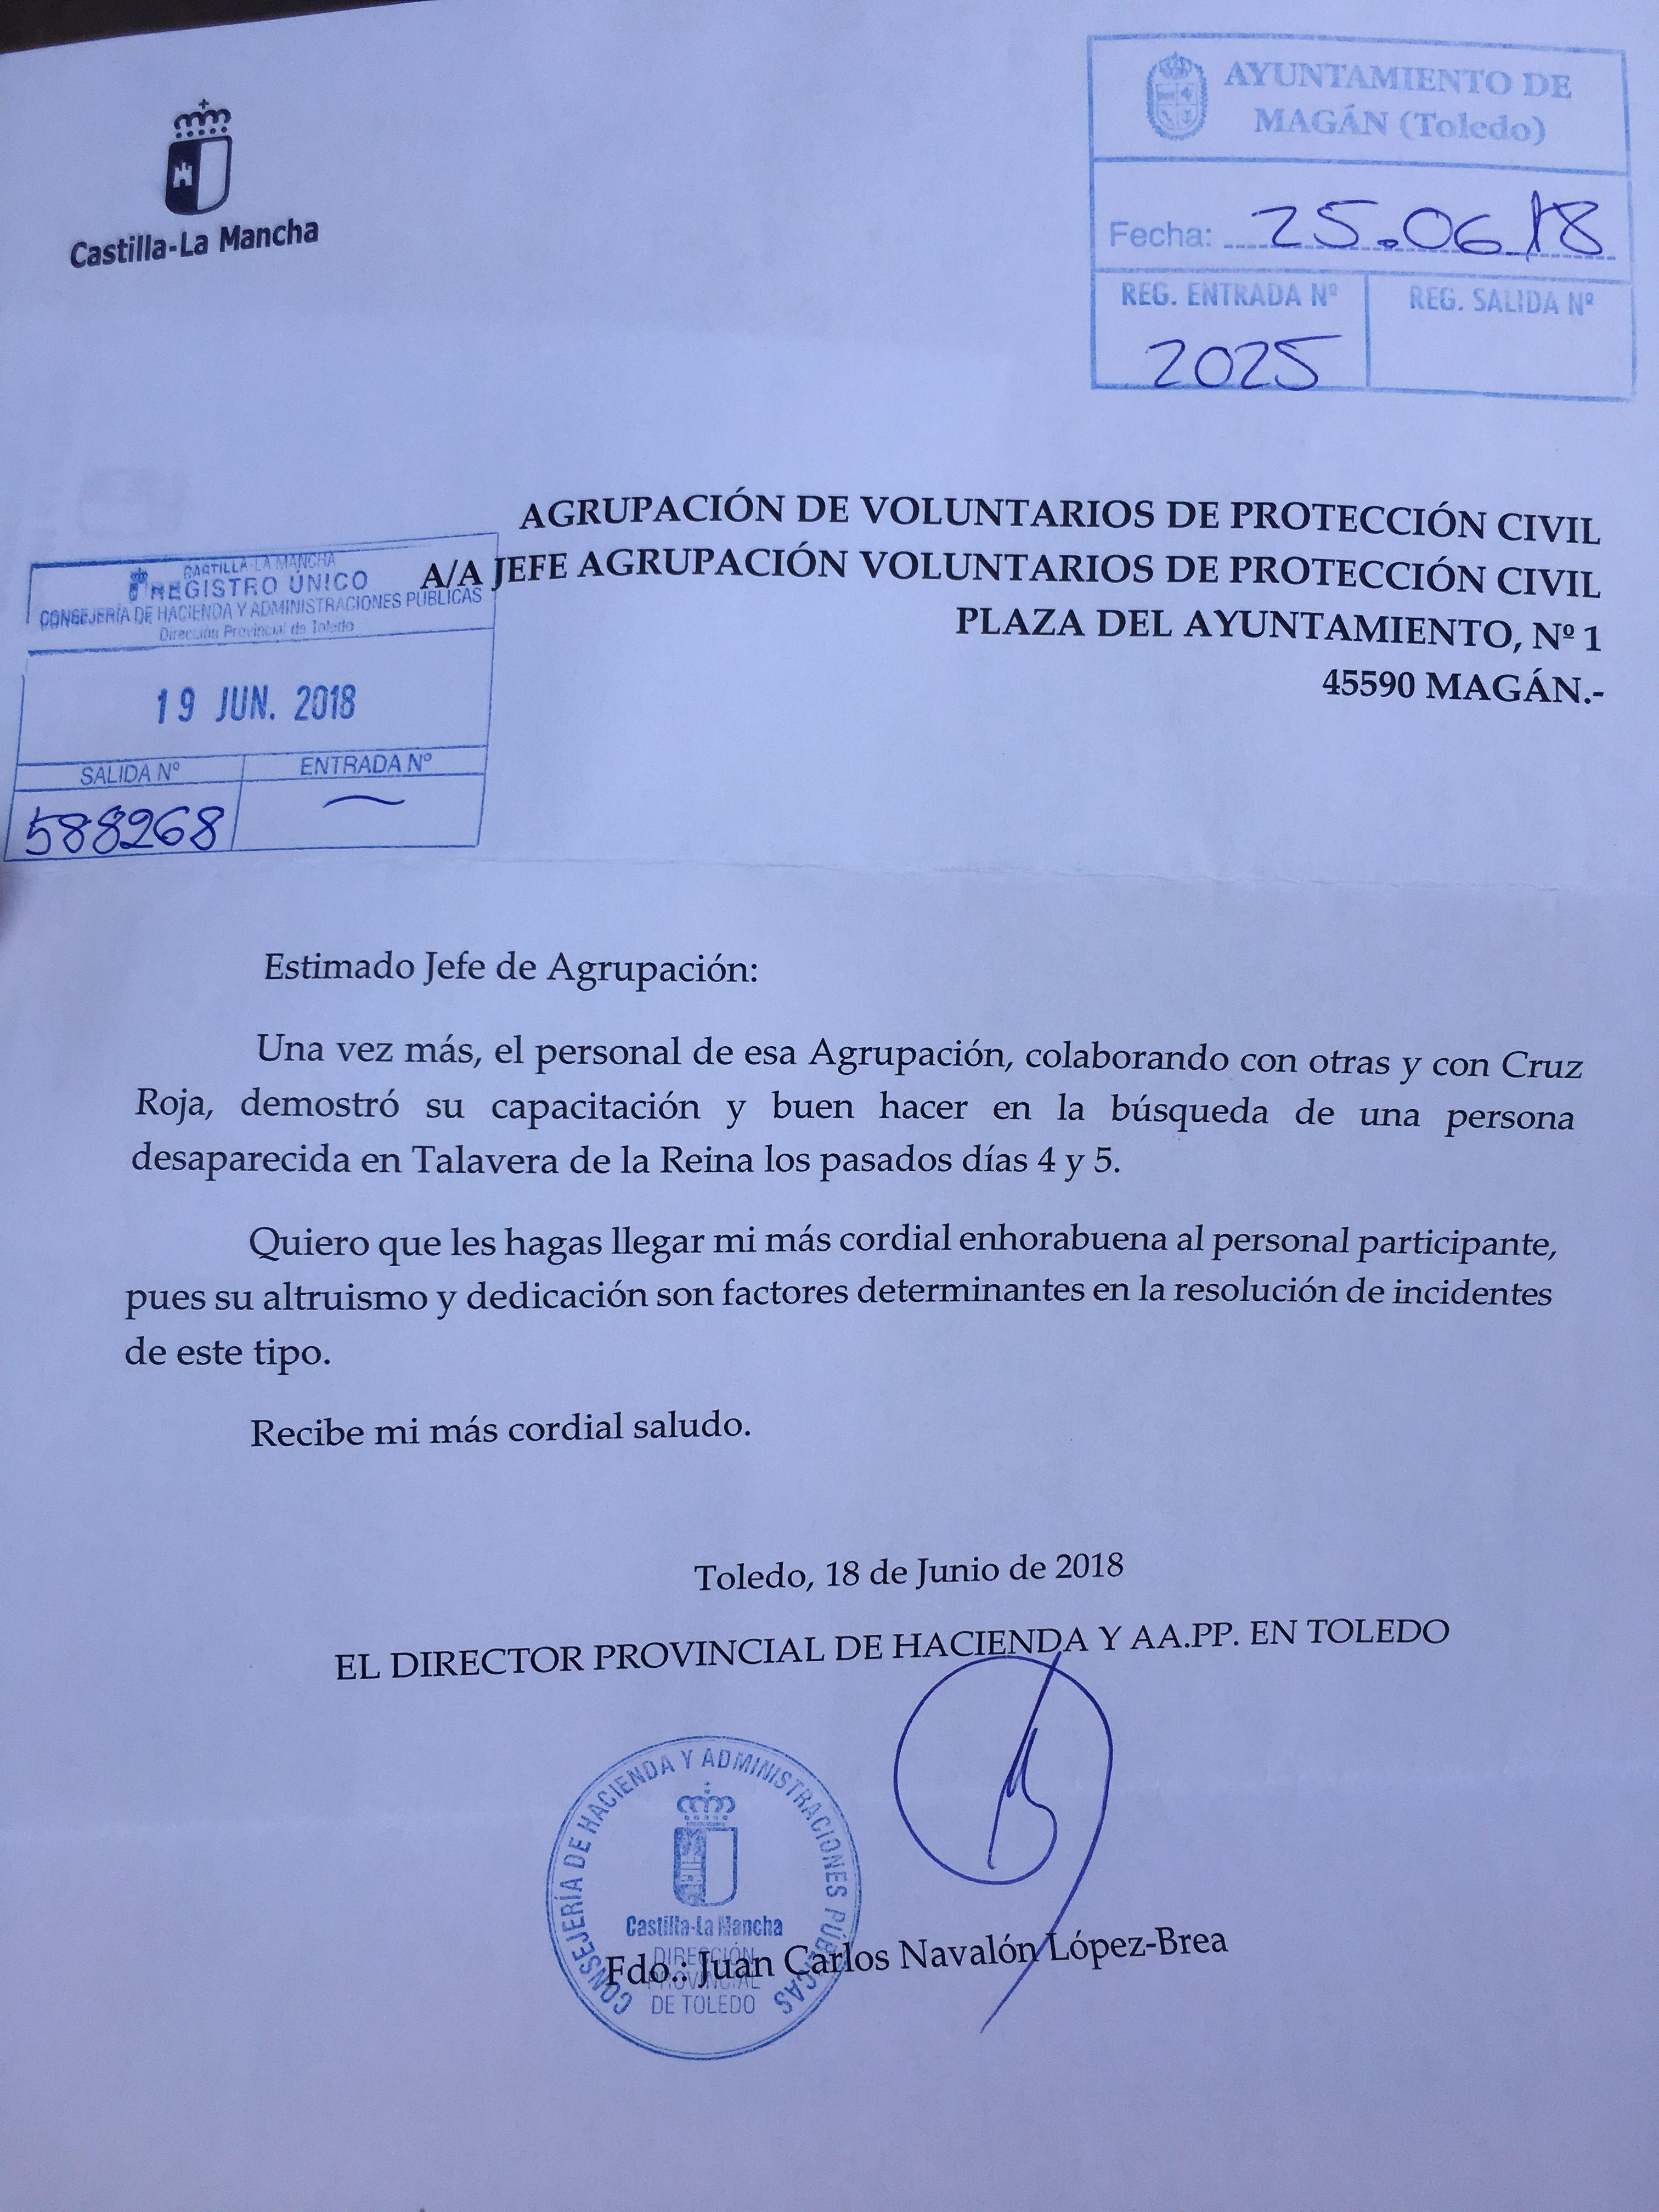 Felicitacion Agrupacion de Voluntarios de Proteccion Civil